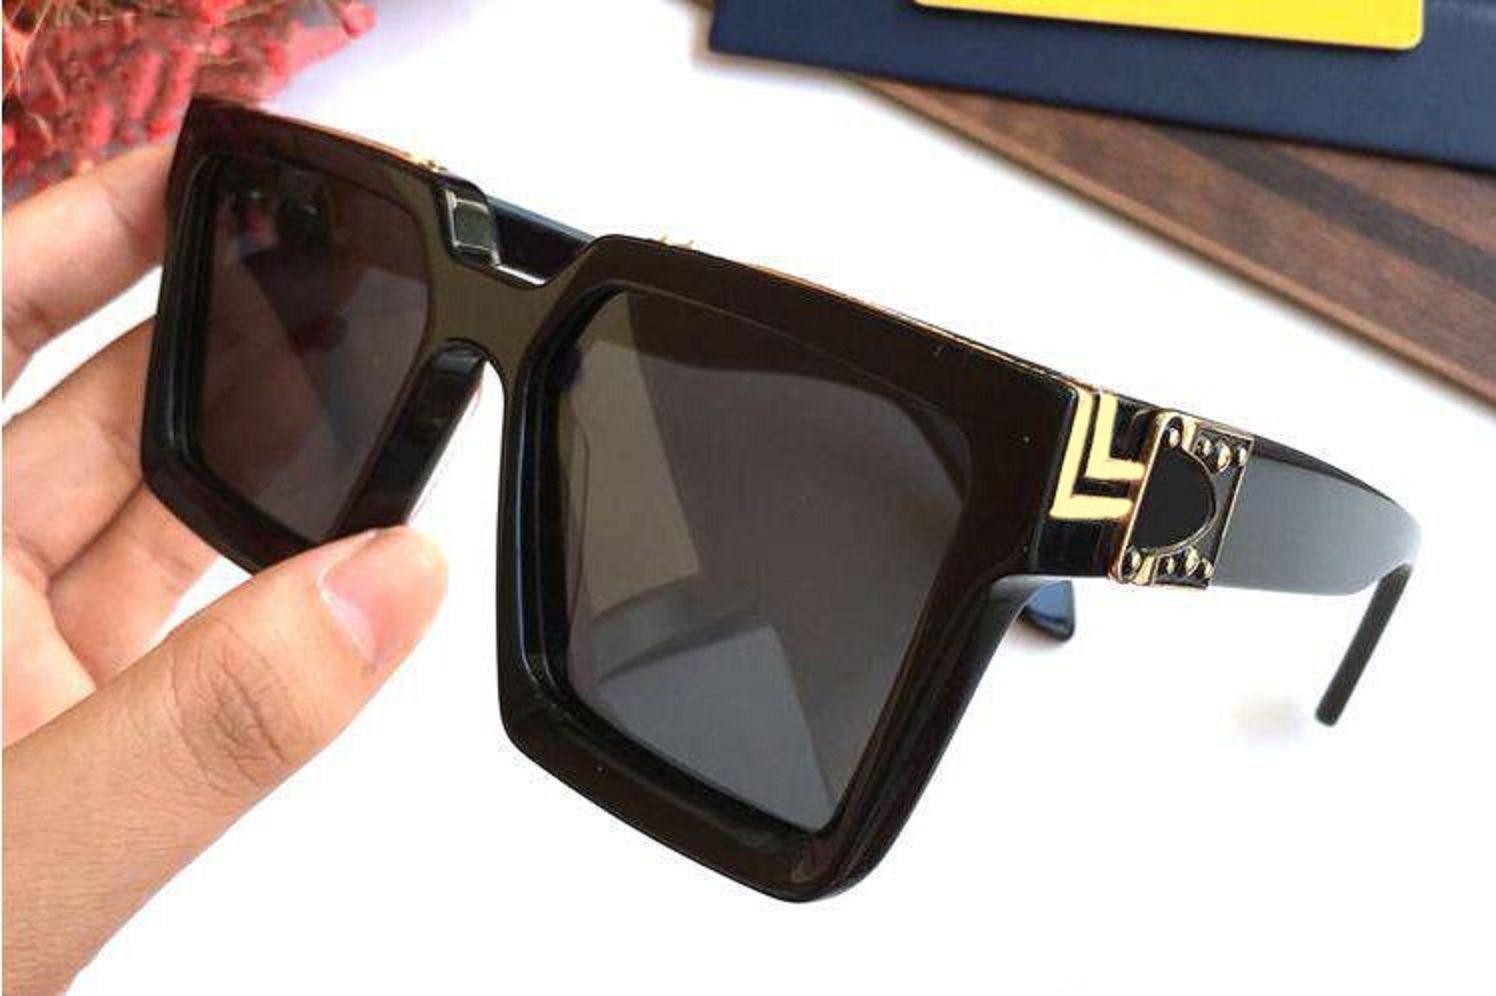 الأزياء المليونير ساحة نظارات الإطار الكامل النظارات الشمسية خمر للرجال والنساء لامعة الذهب إطارات الساخن الذهب مطلي بيع الأعلى 96006 مع صندوق